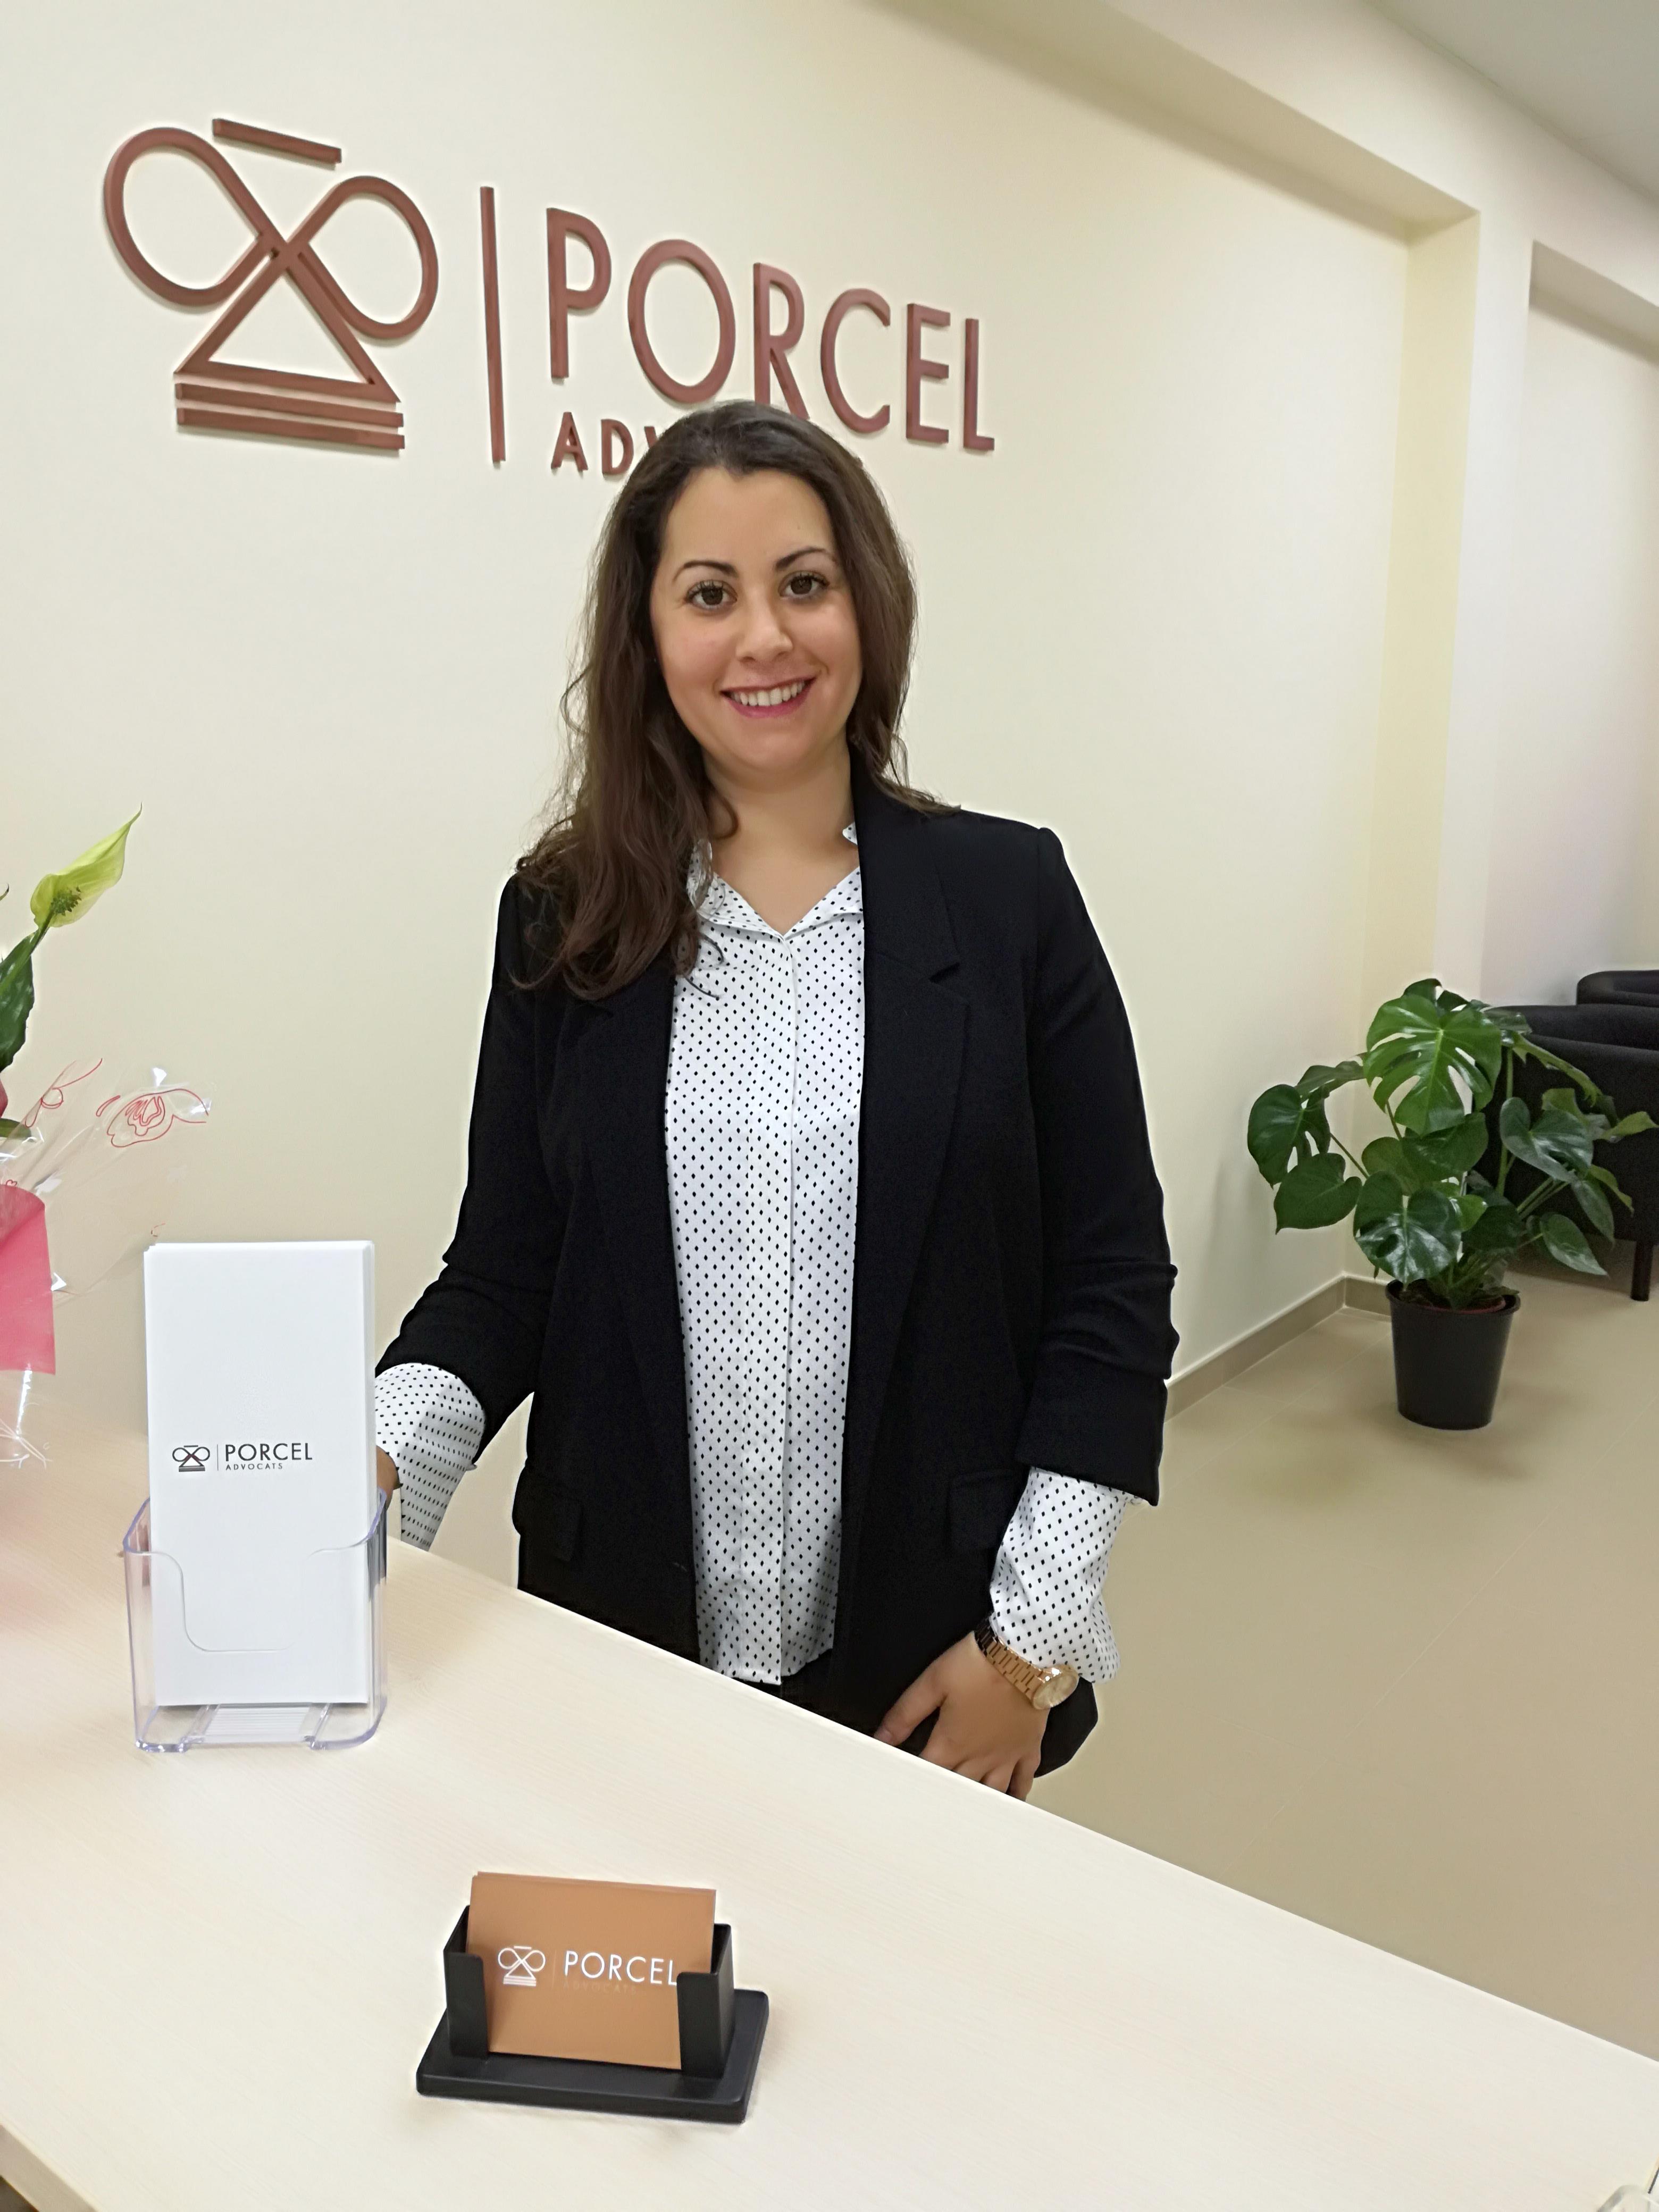 YOLANDA PORCEL MARTINEZ